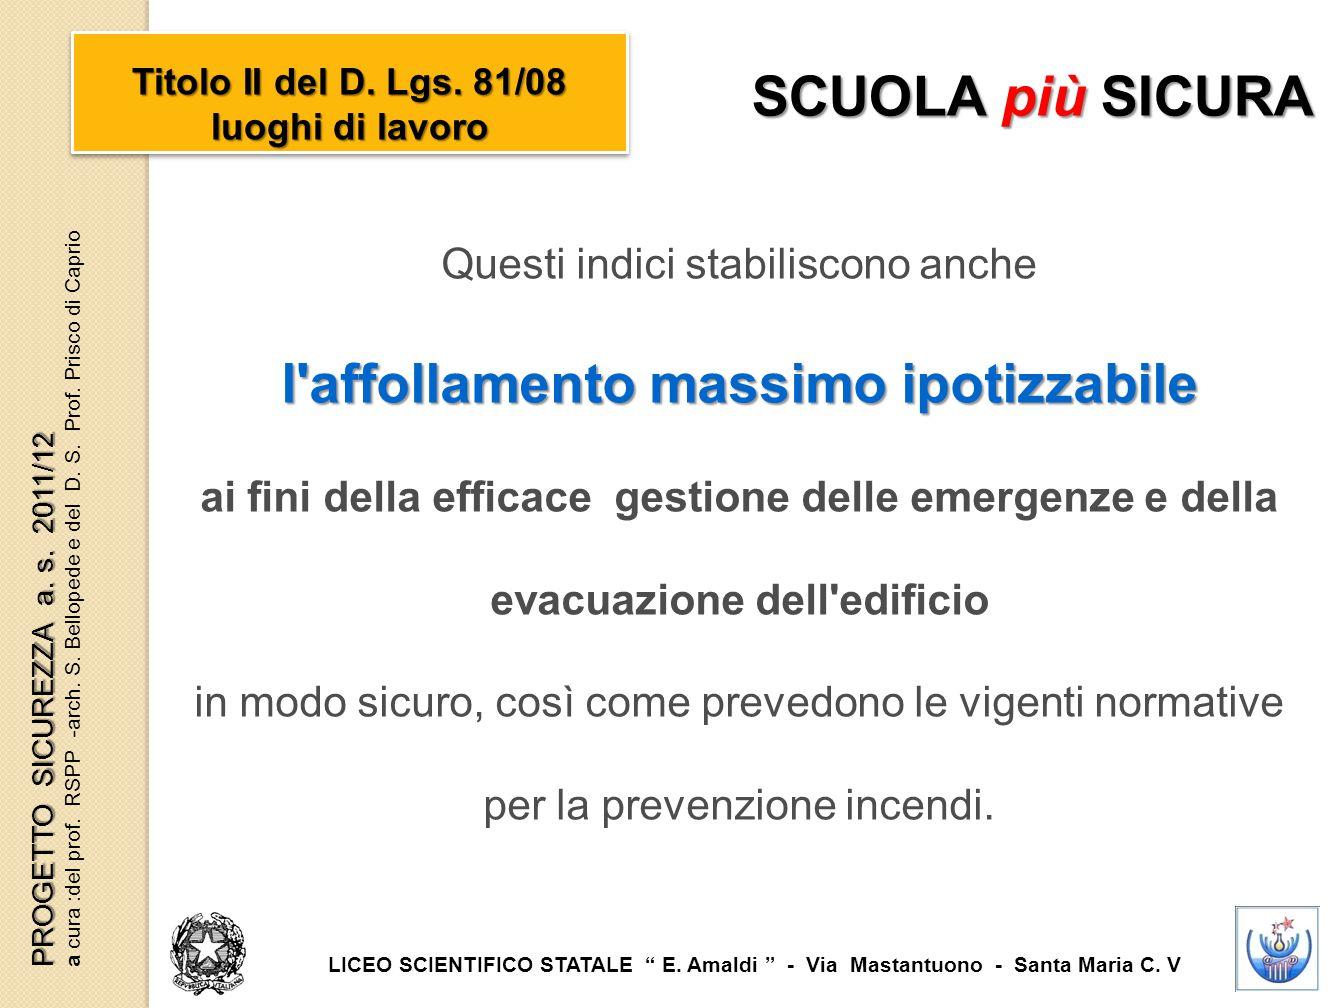 Questi indici stabiliscono anche l'affollamento massimo ipotizzabile ai fini della efficace gestione delle emergenze e della evacuazione dell'edificio